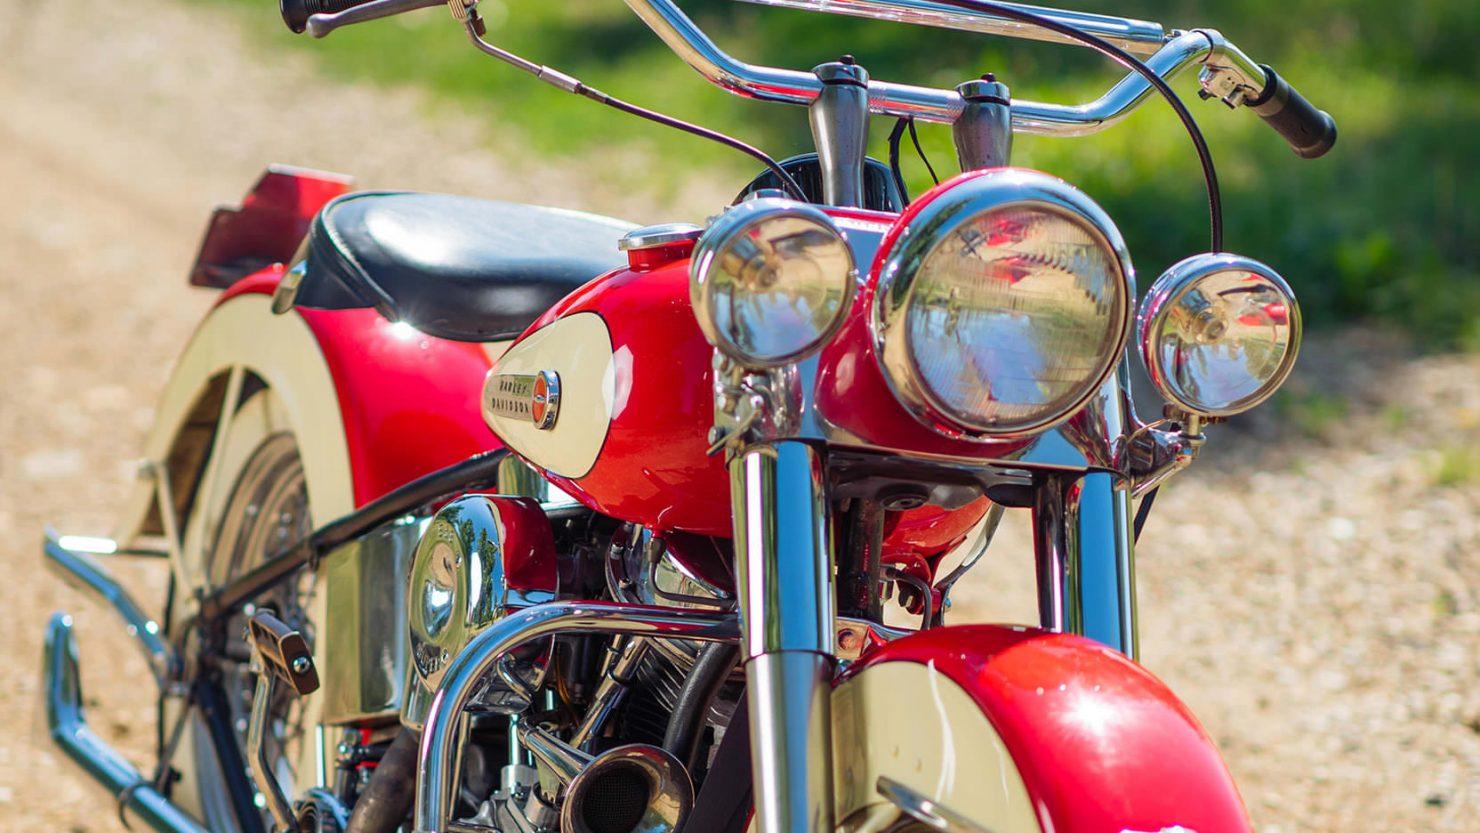 Harley Davidson FL Panhead 10 1480x833 - 1949 Harley-Davidson FL Panhead